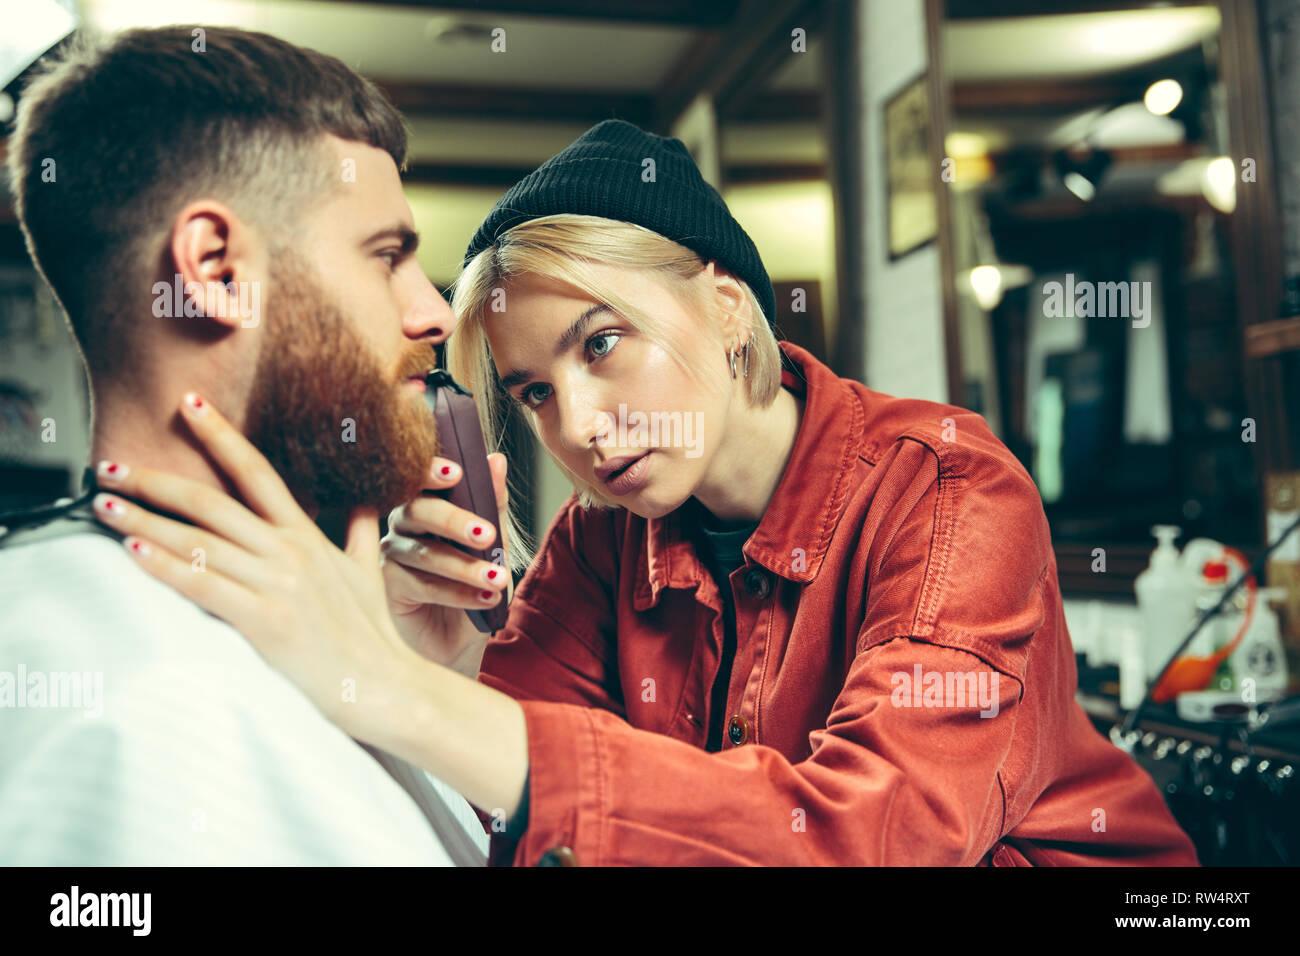 Kunden Während Bart Rasieren Im Barbershop Weibliche